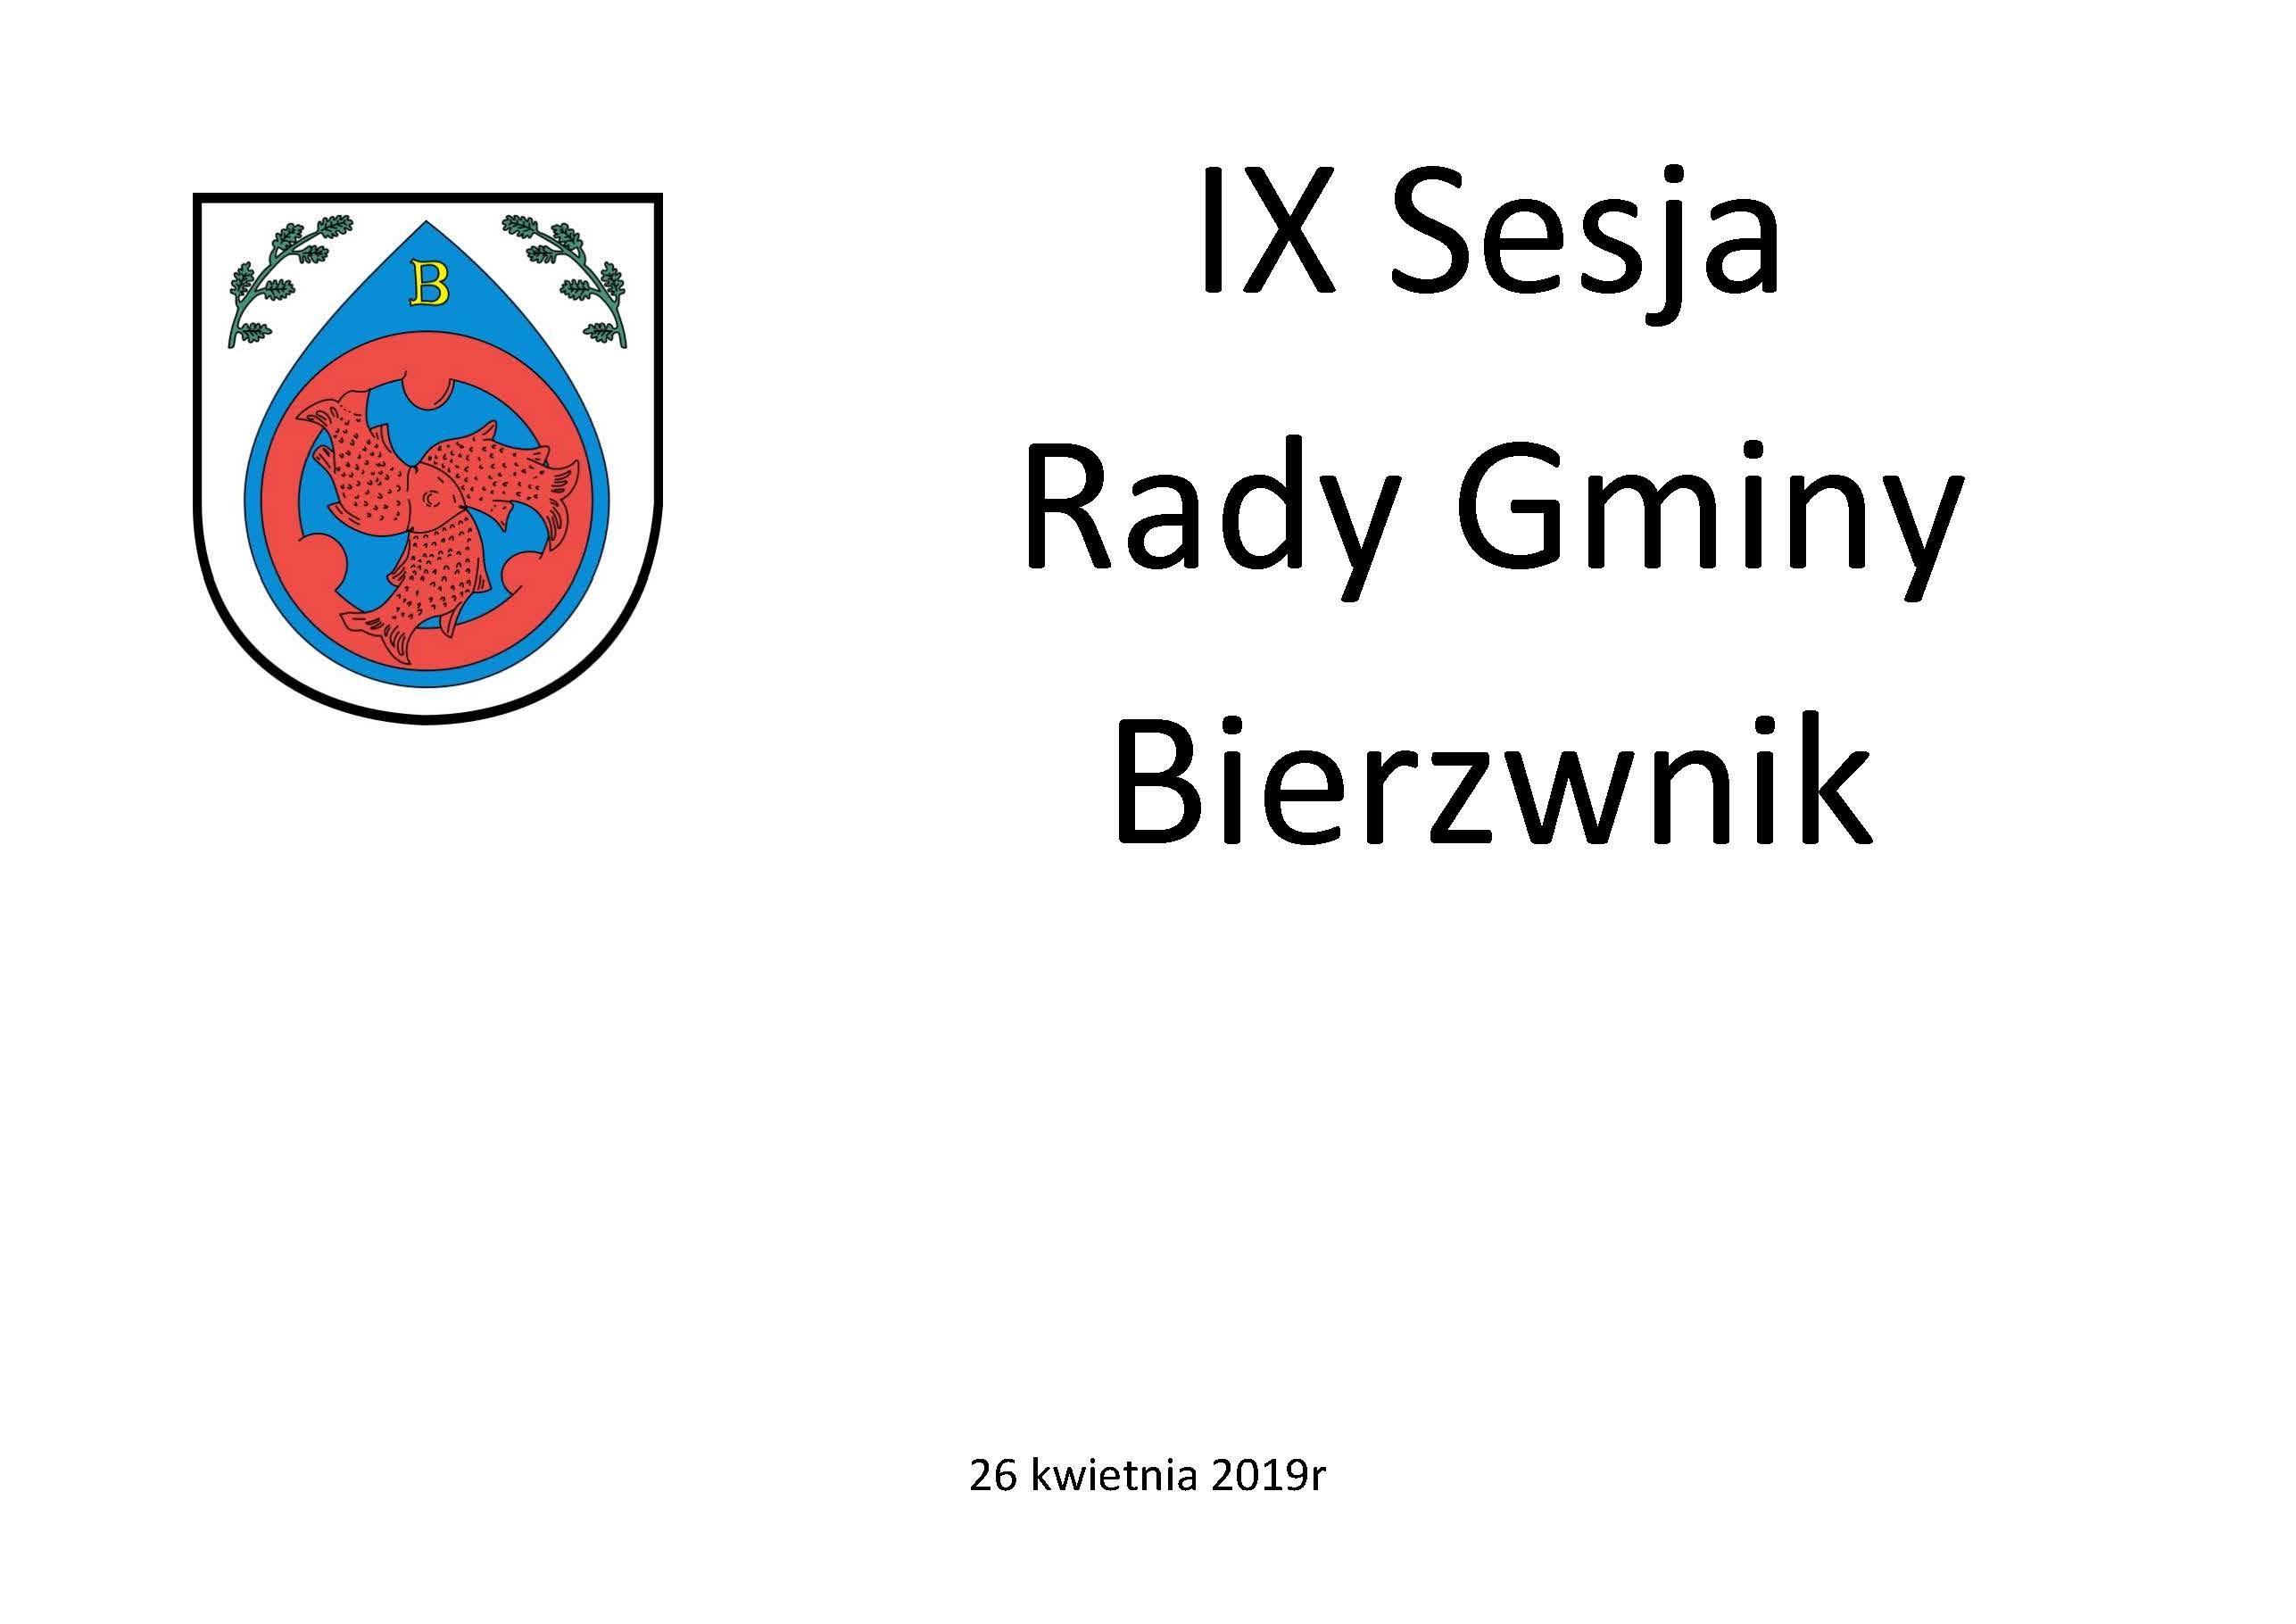 bierzwnik/IX_sesja_graficzny.jpg